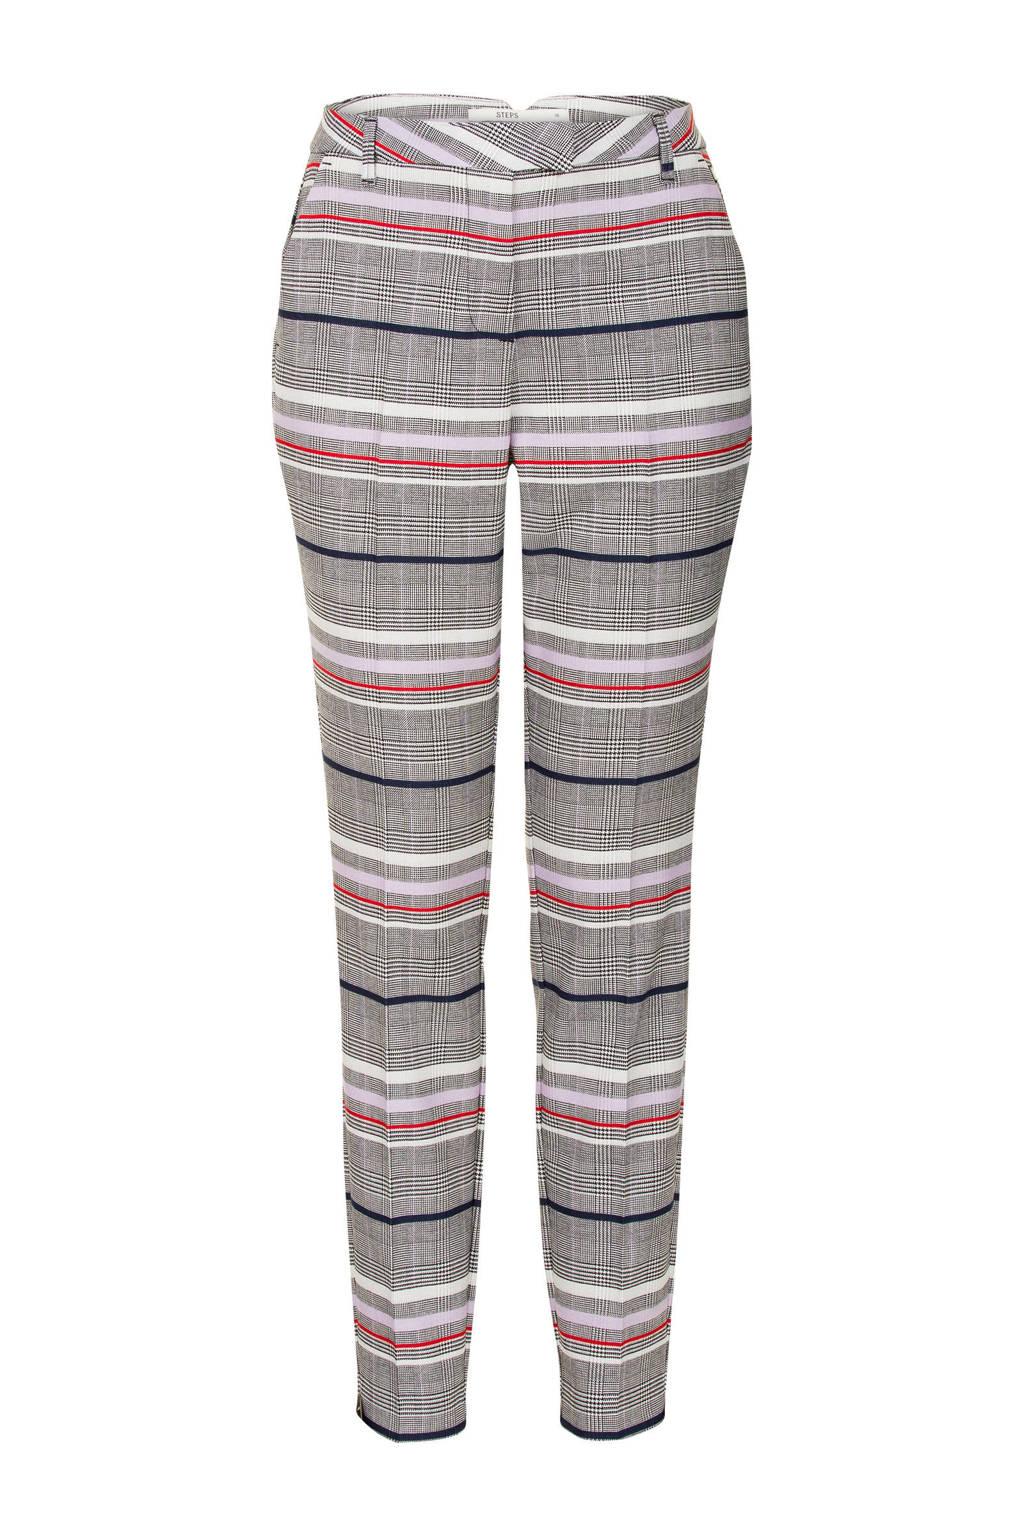 Steps pantalon met pied de poule dessin, Blauw/grijs/rood/wit/paars